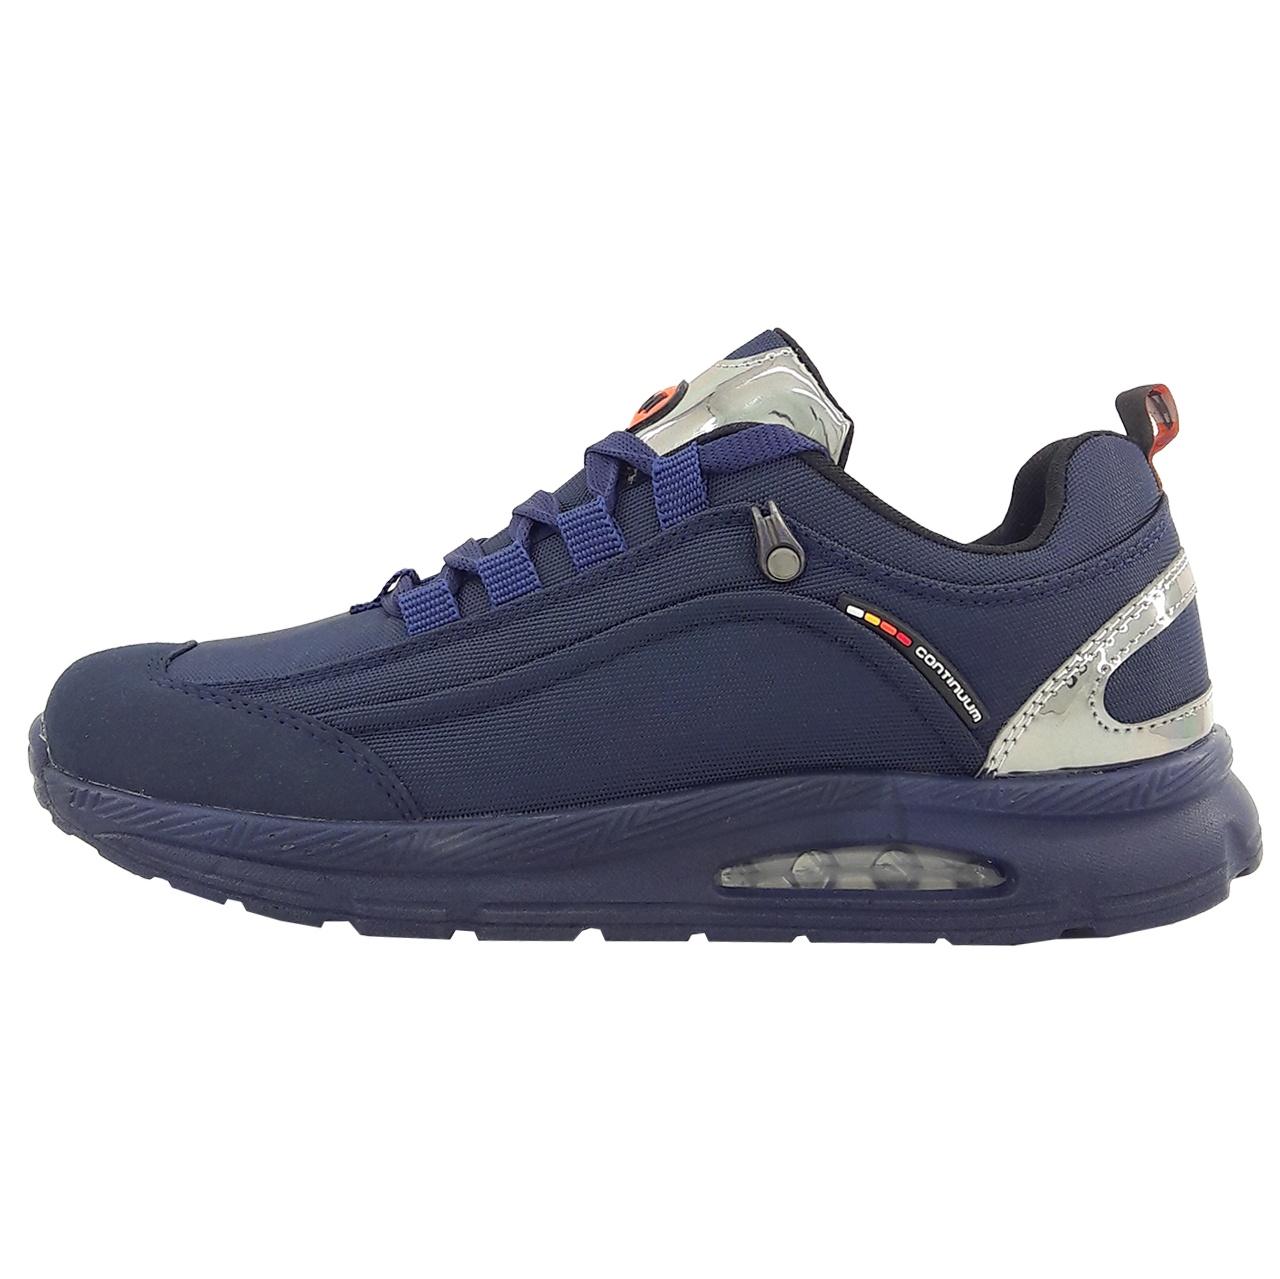 کفش مخصوص پیاده روی زنانه مدل Cntinum tk.nvy-01